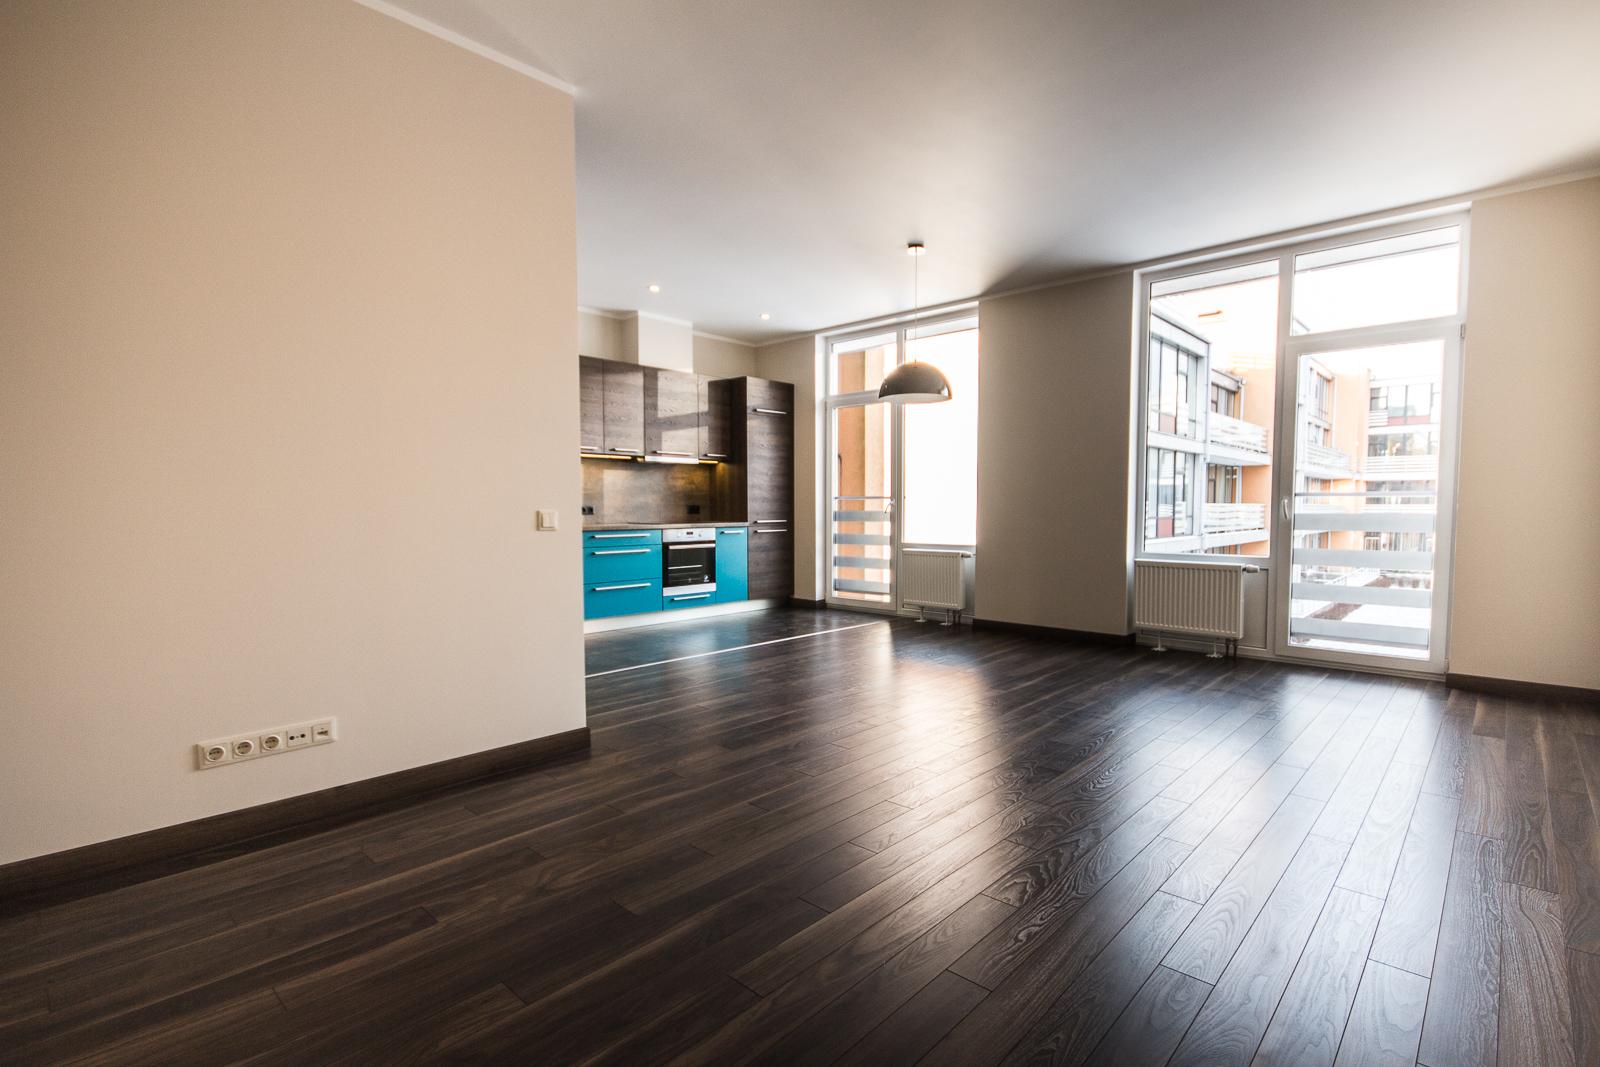 ремонт квартиры в новостройке под ключ с материалами